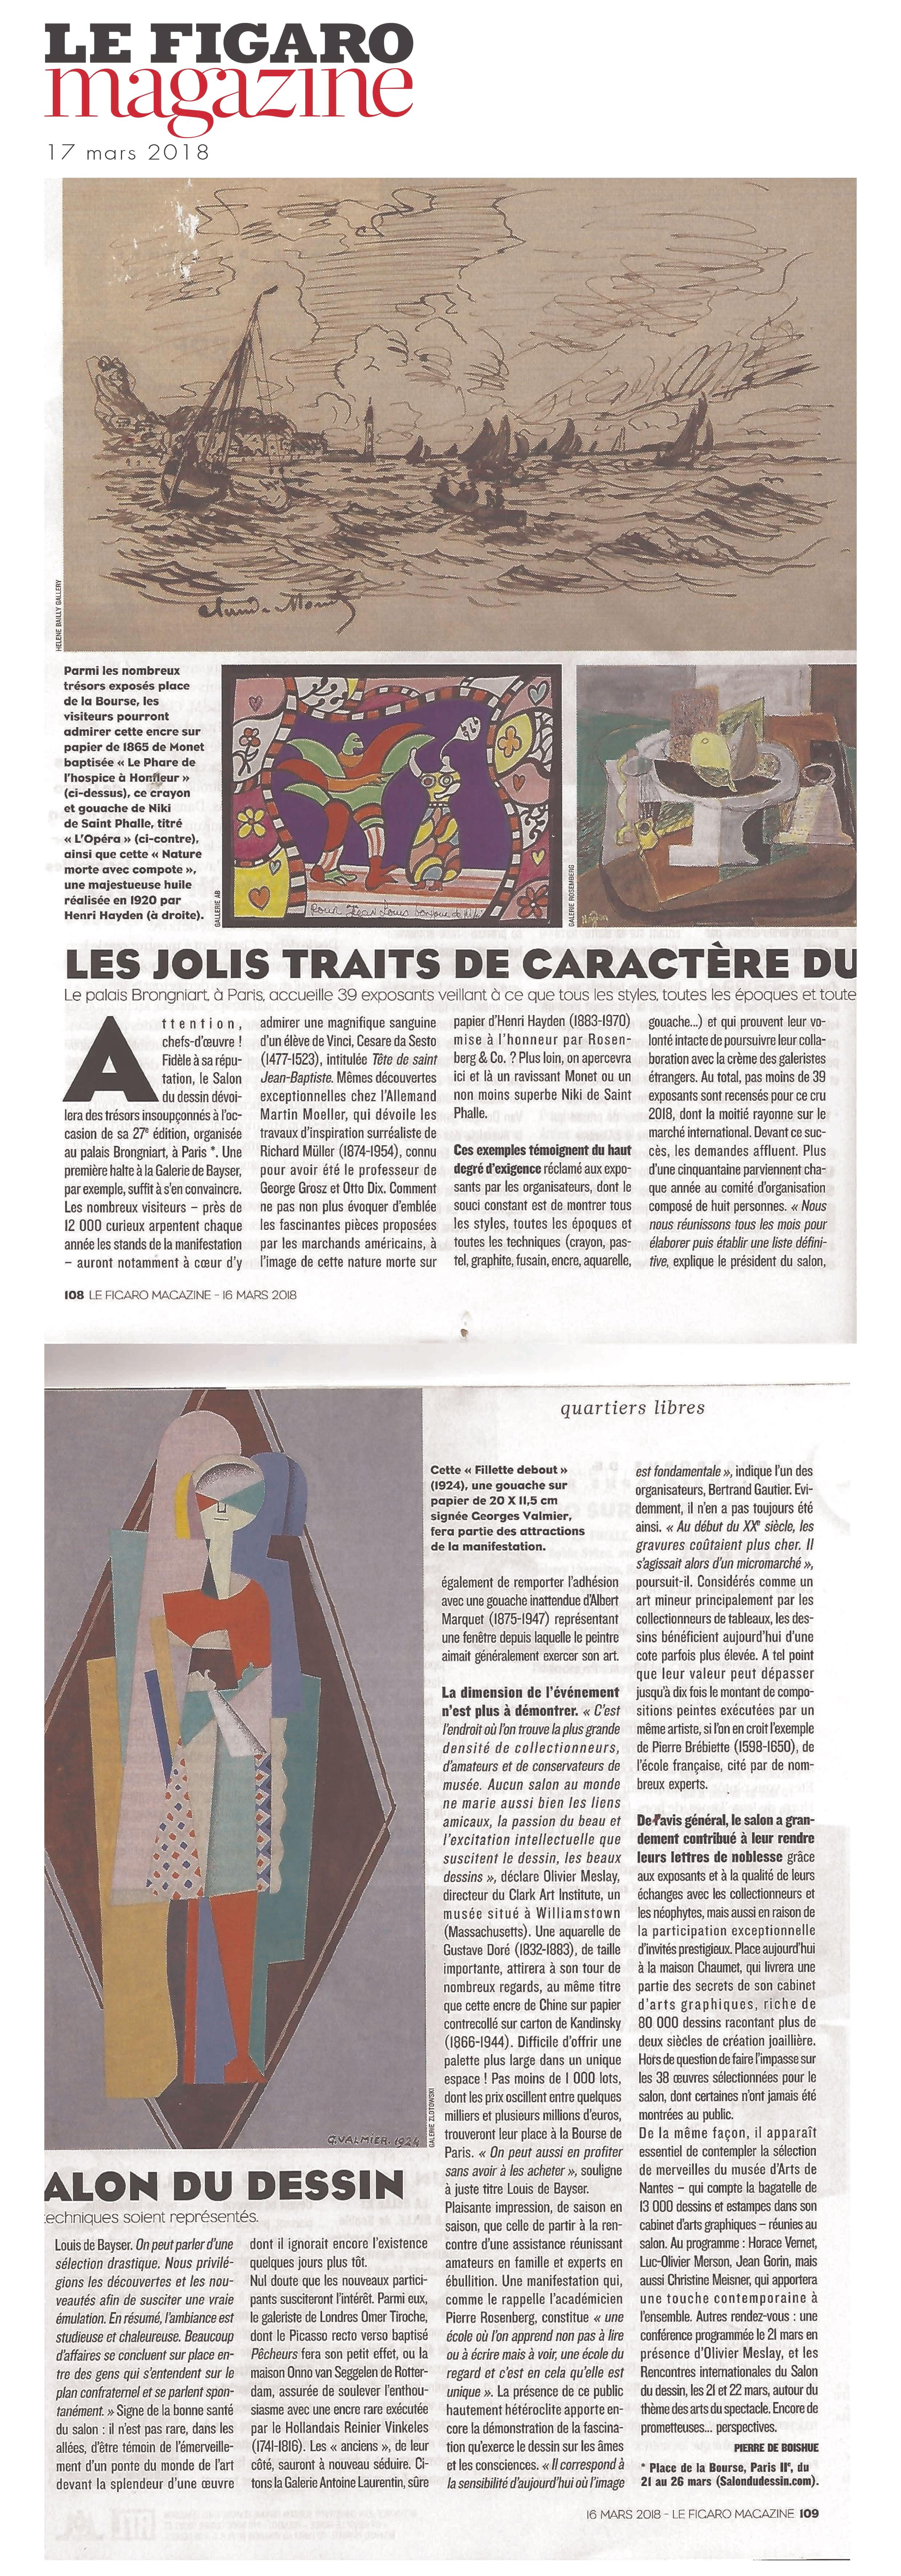 2018-Le-Figaro-Magazine-SDD-2018-Salon-du-dessin-Galerie-AB